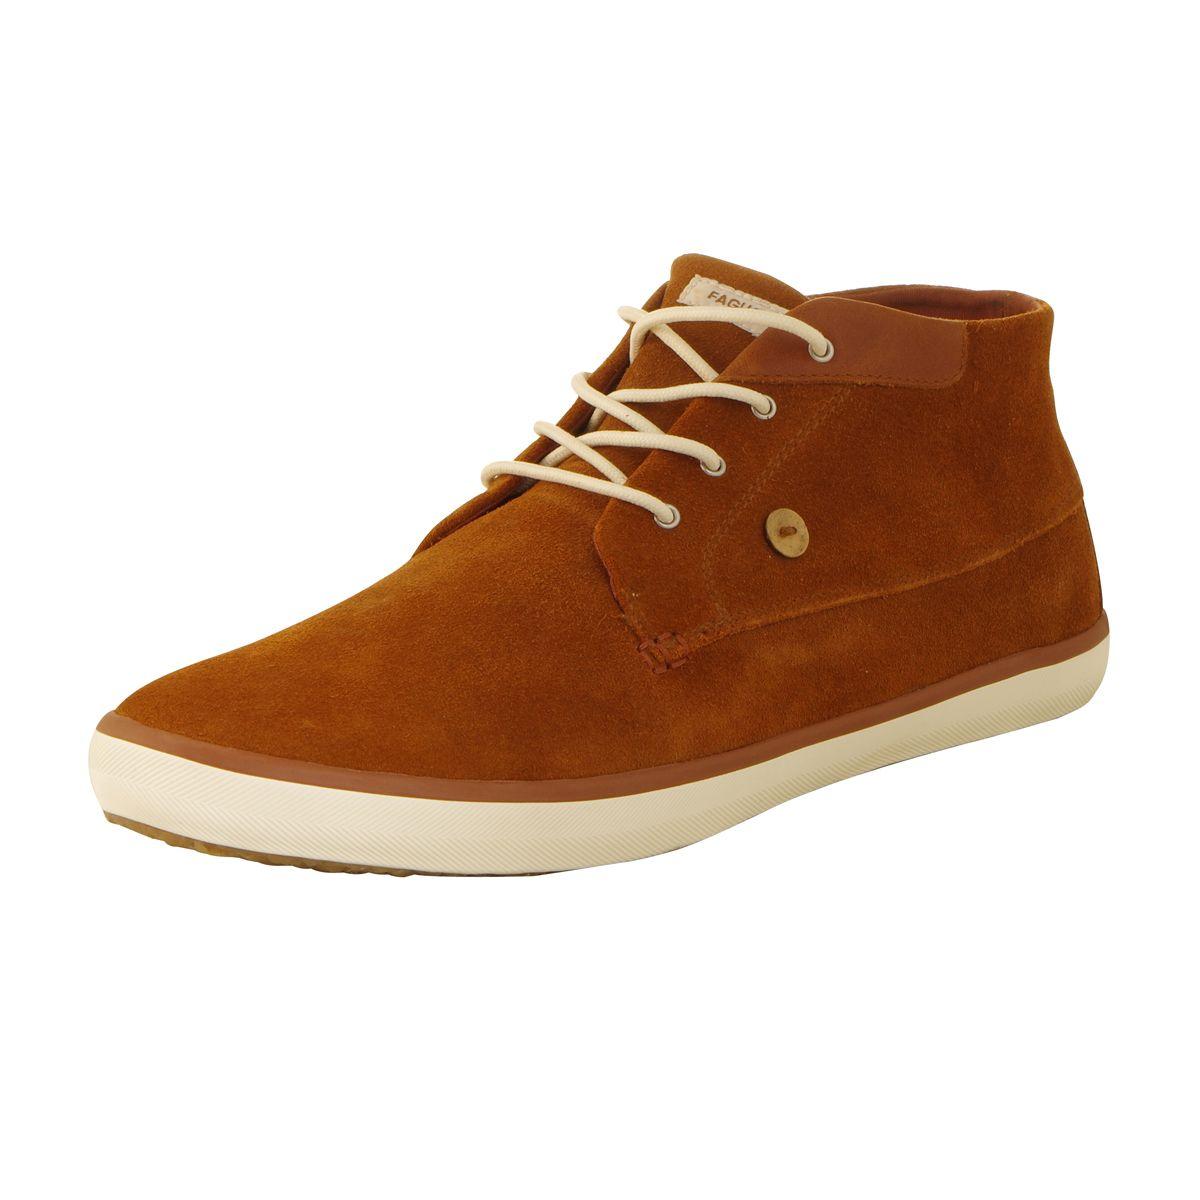 chaussures mi haute marron grande taille du 47 au 49 size factory faguo. Black Bedroom Furniture Sets. Home Design Ideas